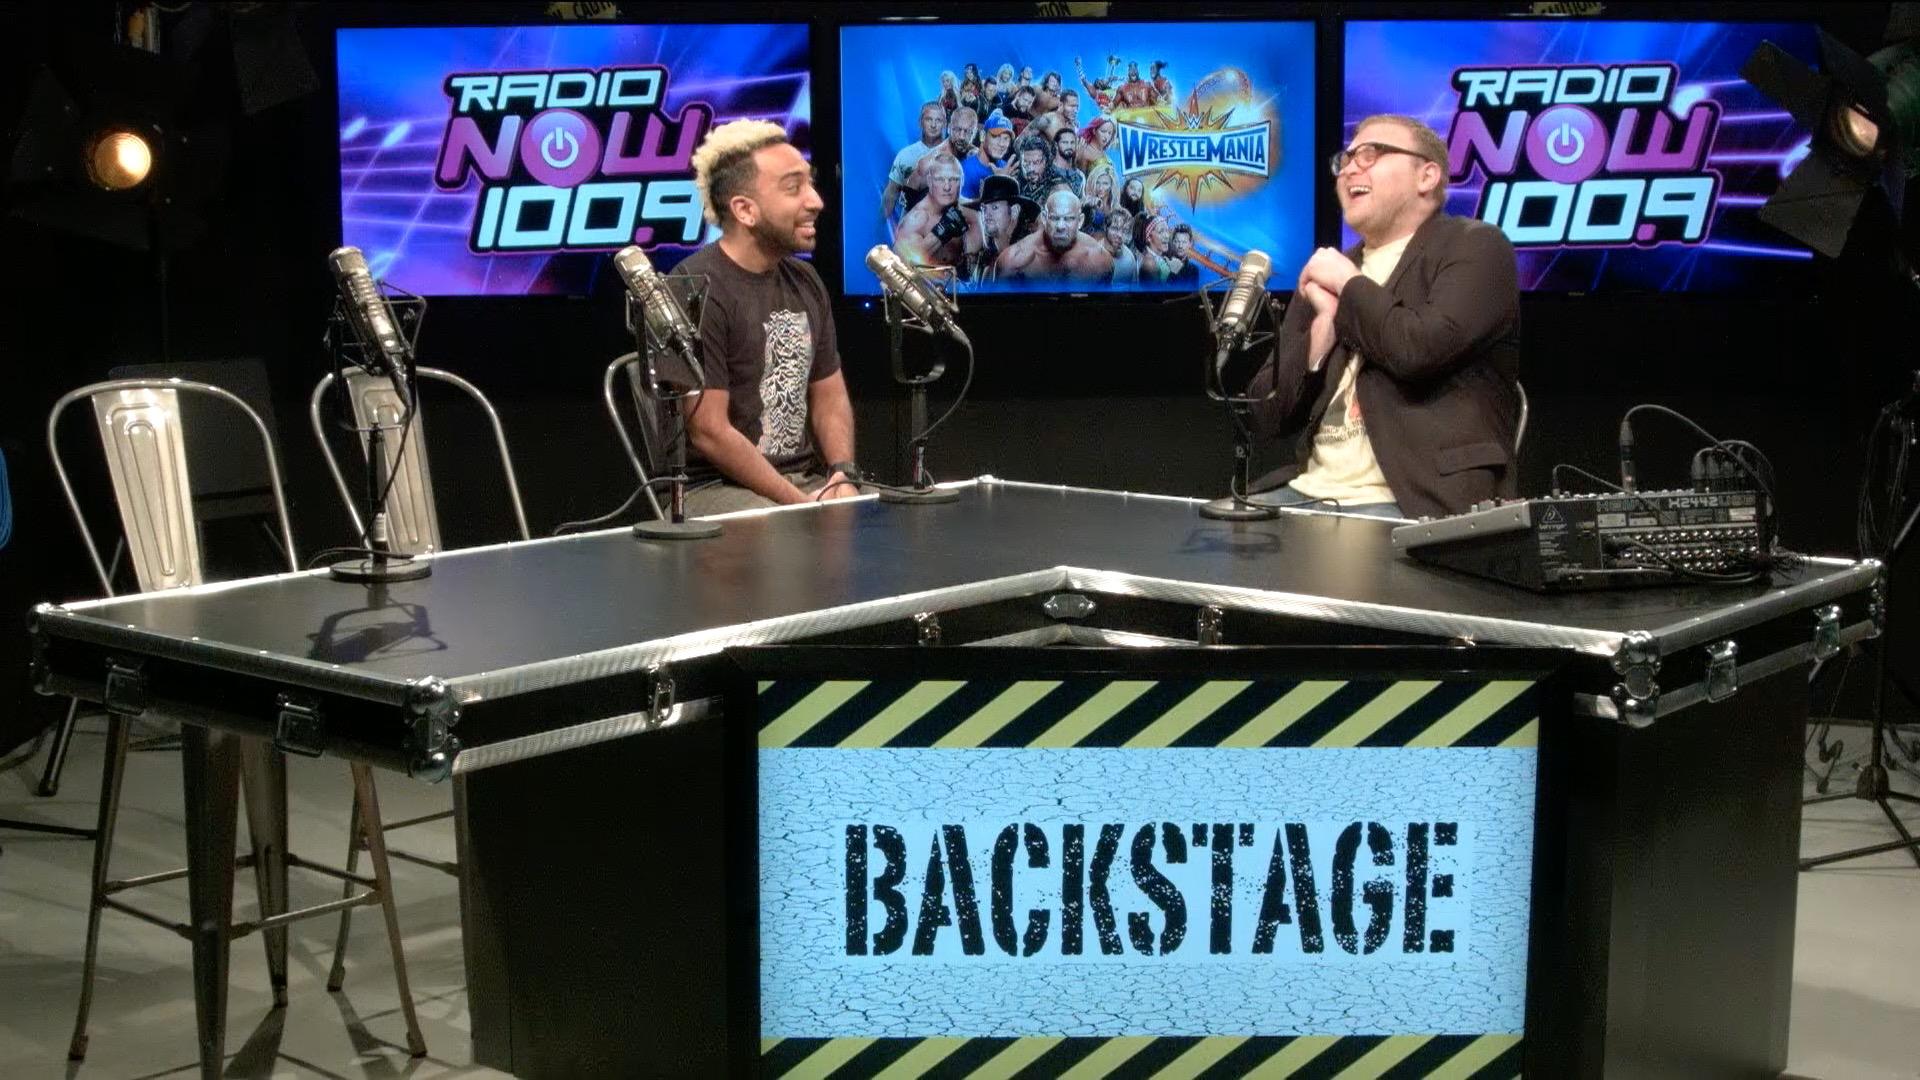 Wrestlemania 33 Recap - Radio Now 100.9